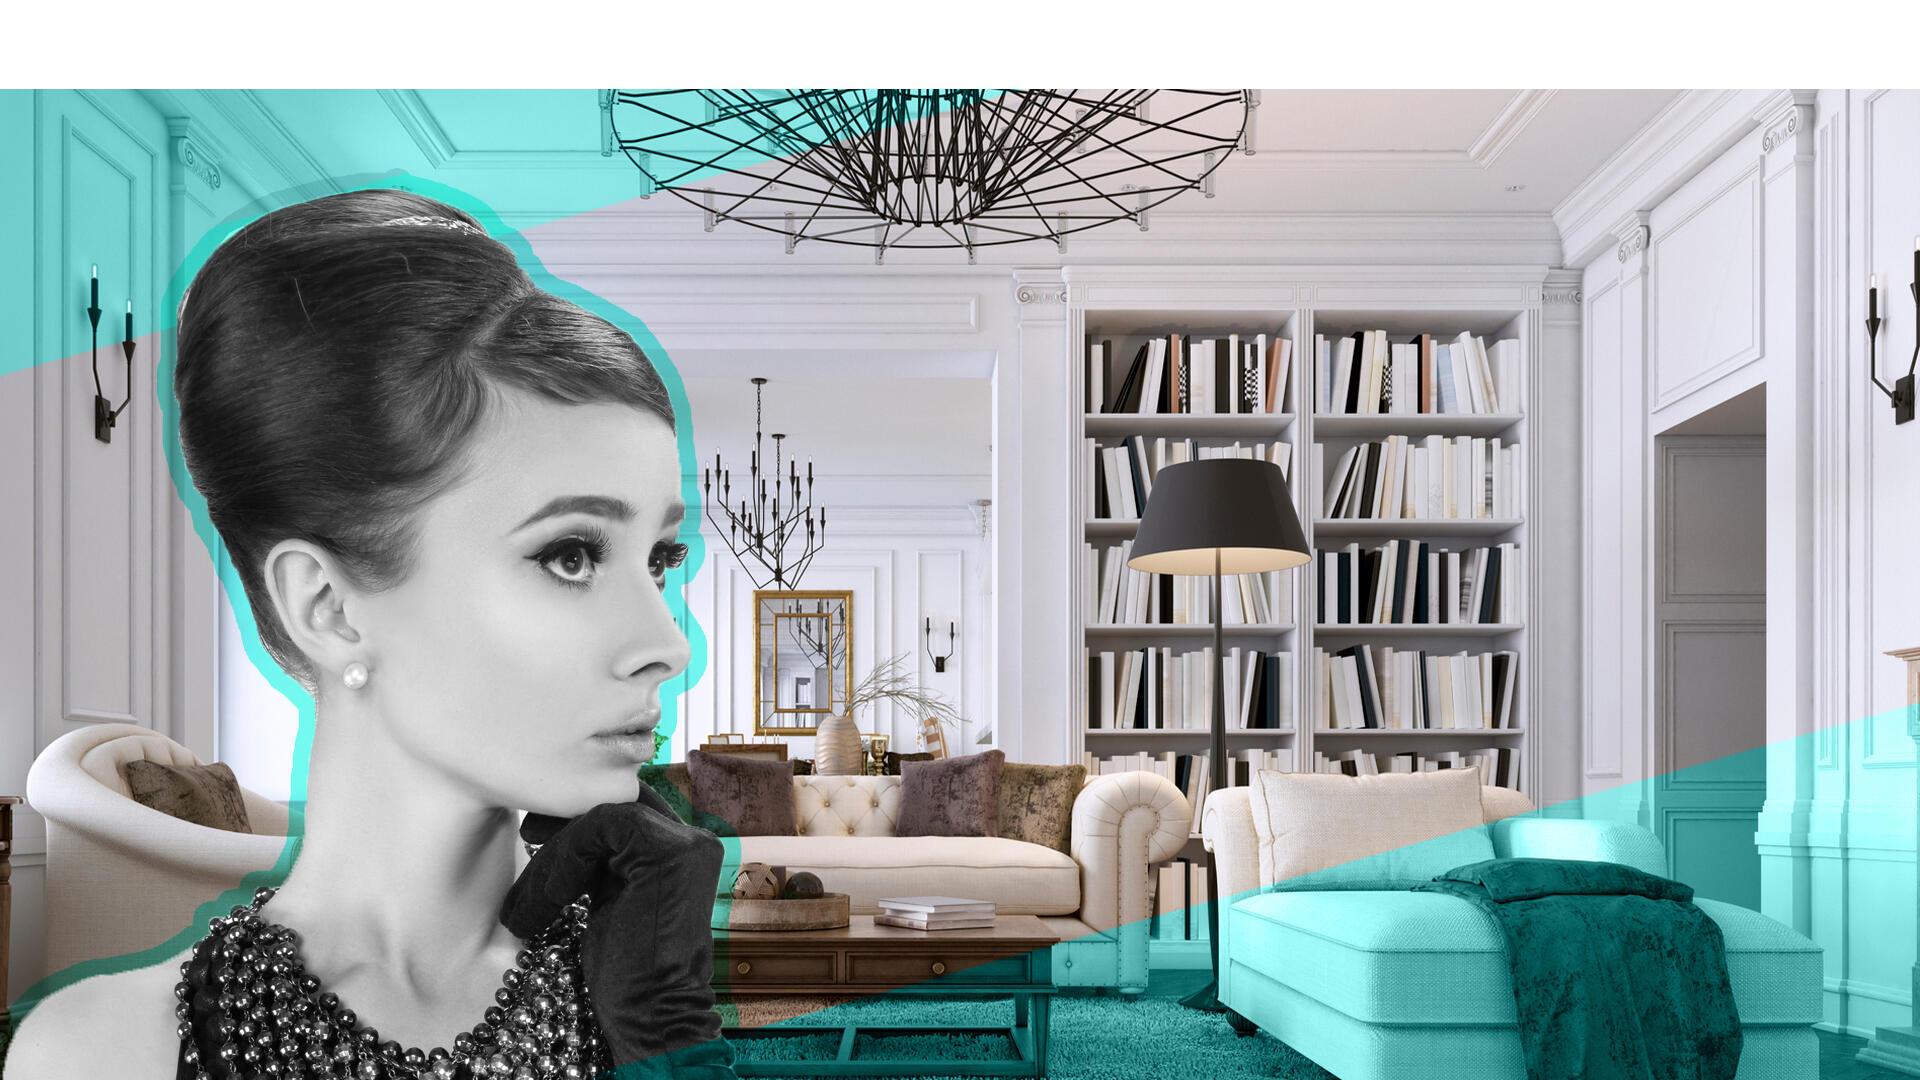 Tarzlarıyla ikonlaşan kadınlardan ev dekorasyonu konusunda  nasıl ilham alabilirsiniz?